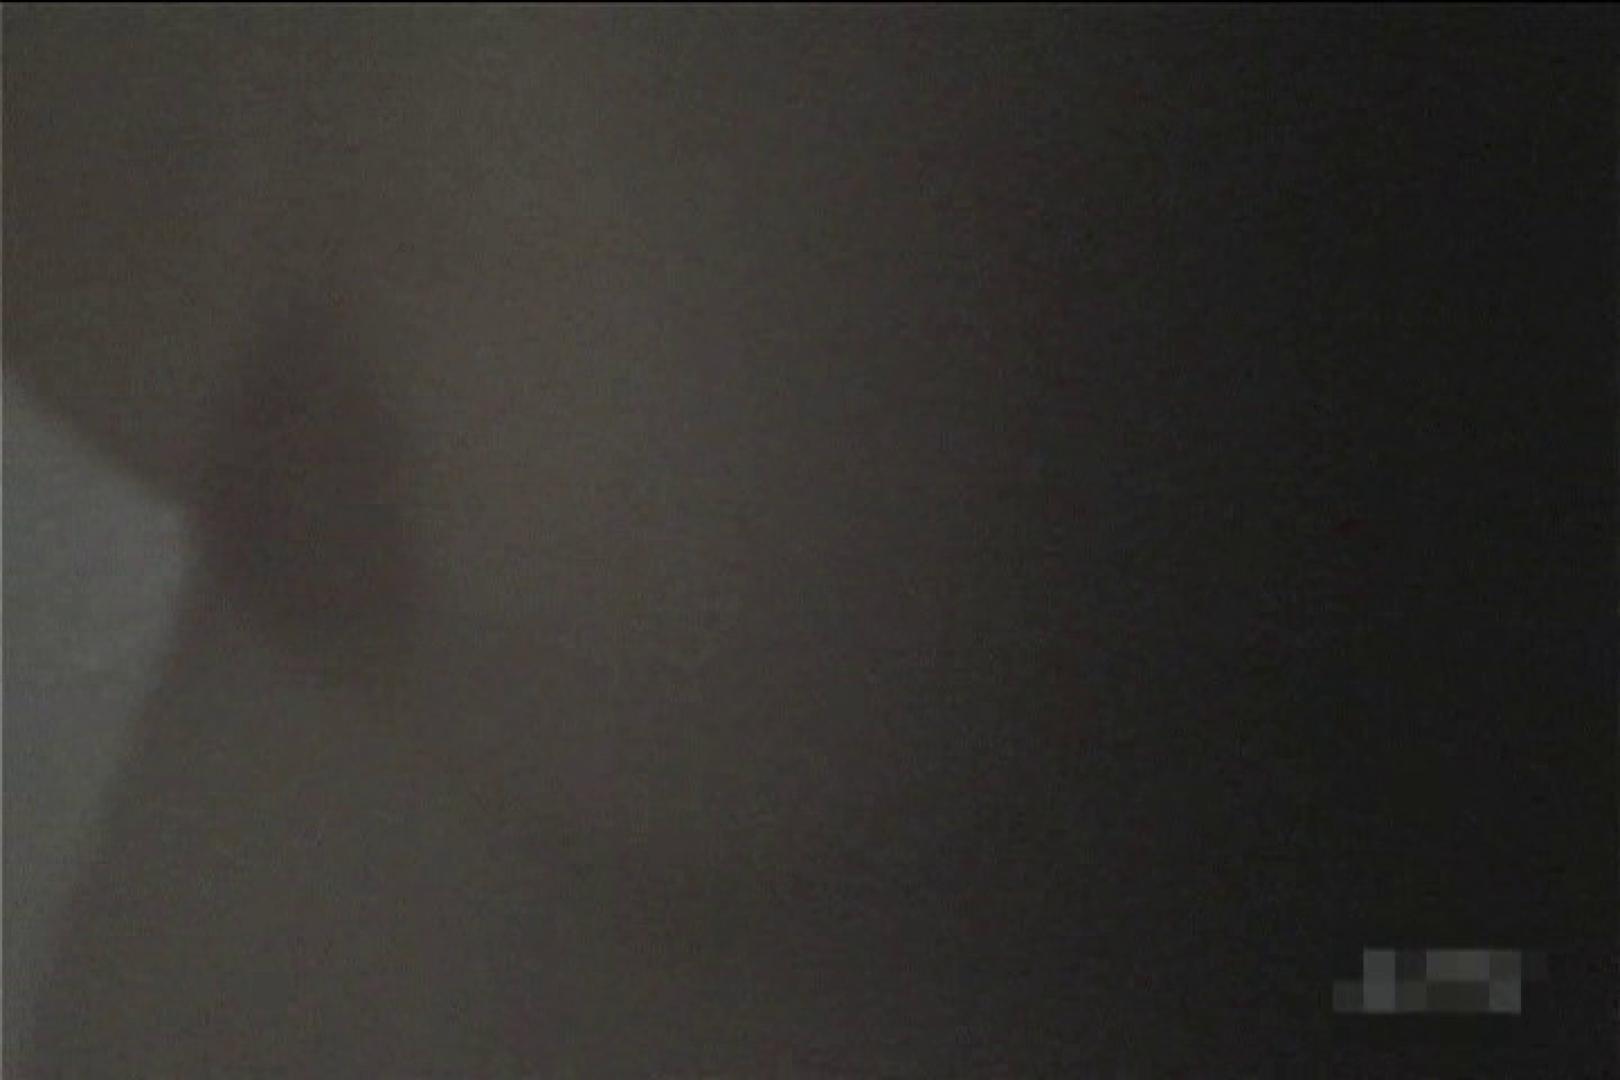 深夜の撮影会Vol.5 OLヌード天国 | お姉さんのエッチ  56PIX 56